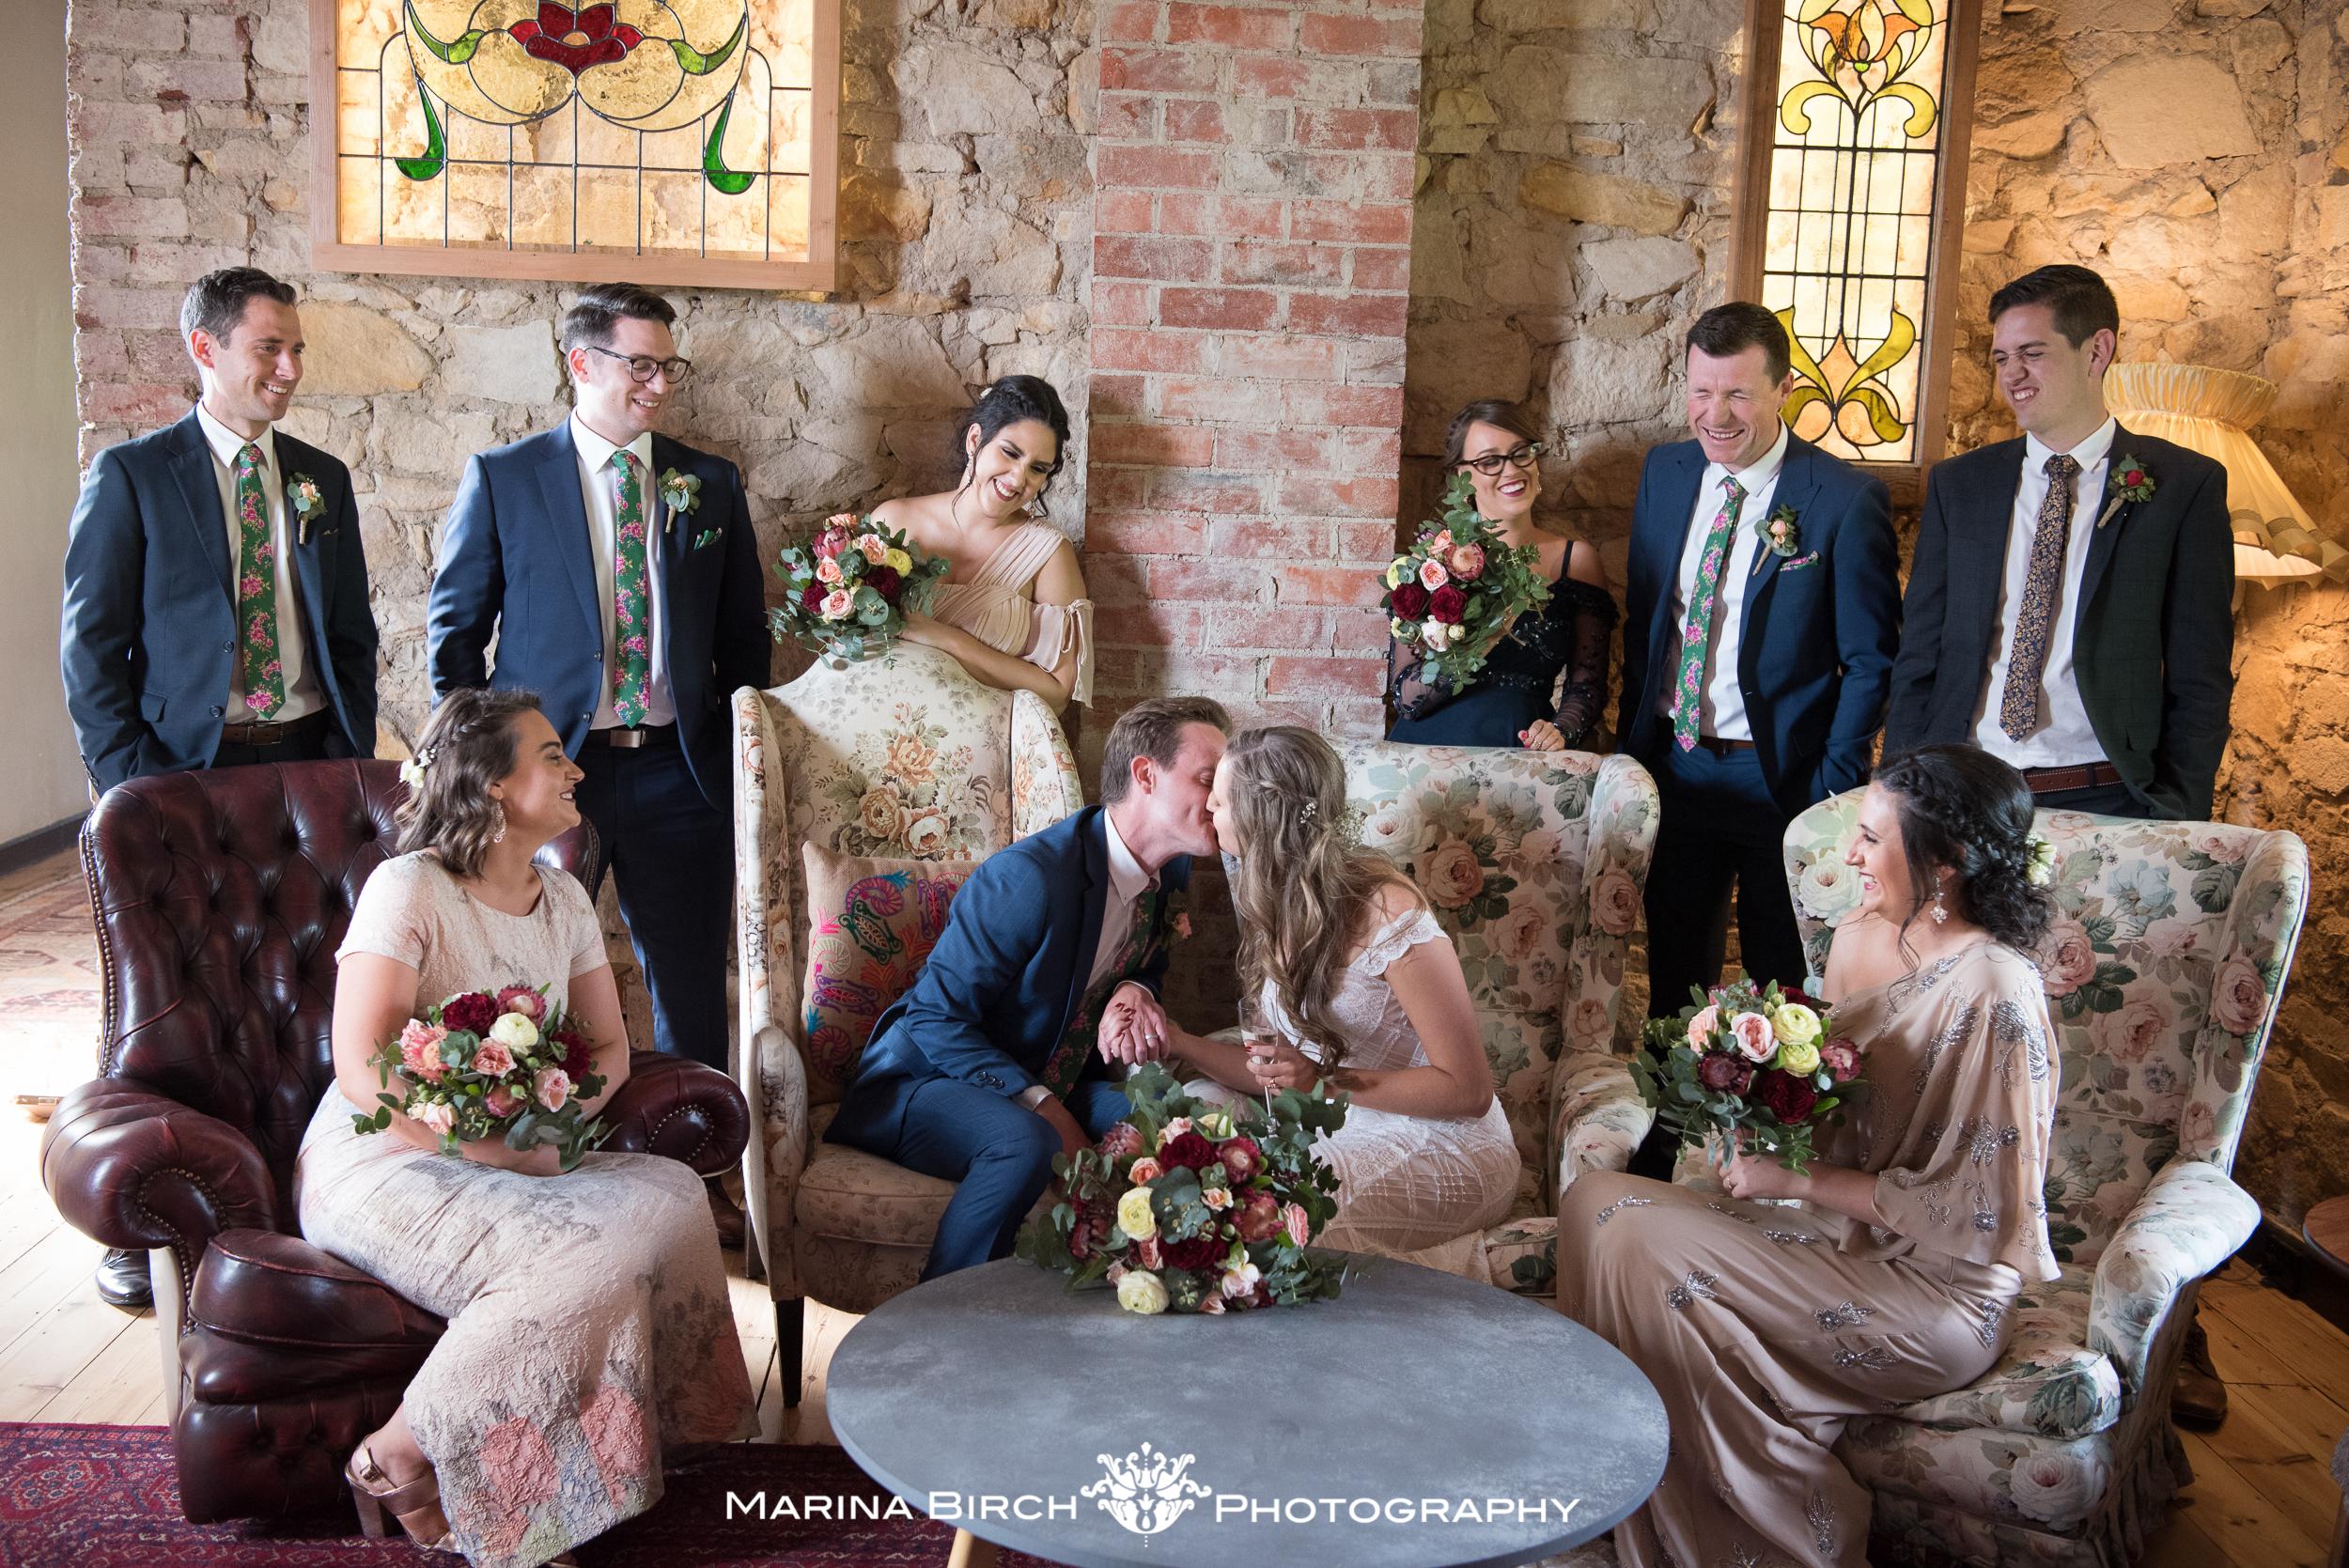 MBP.wedding -29.jpg